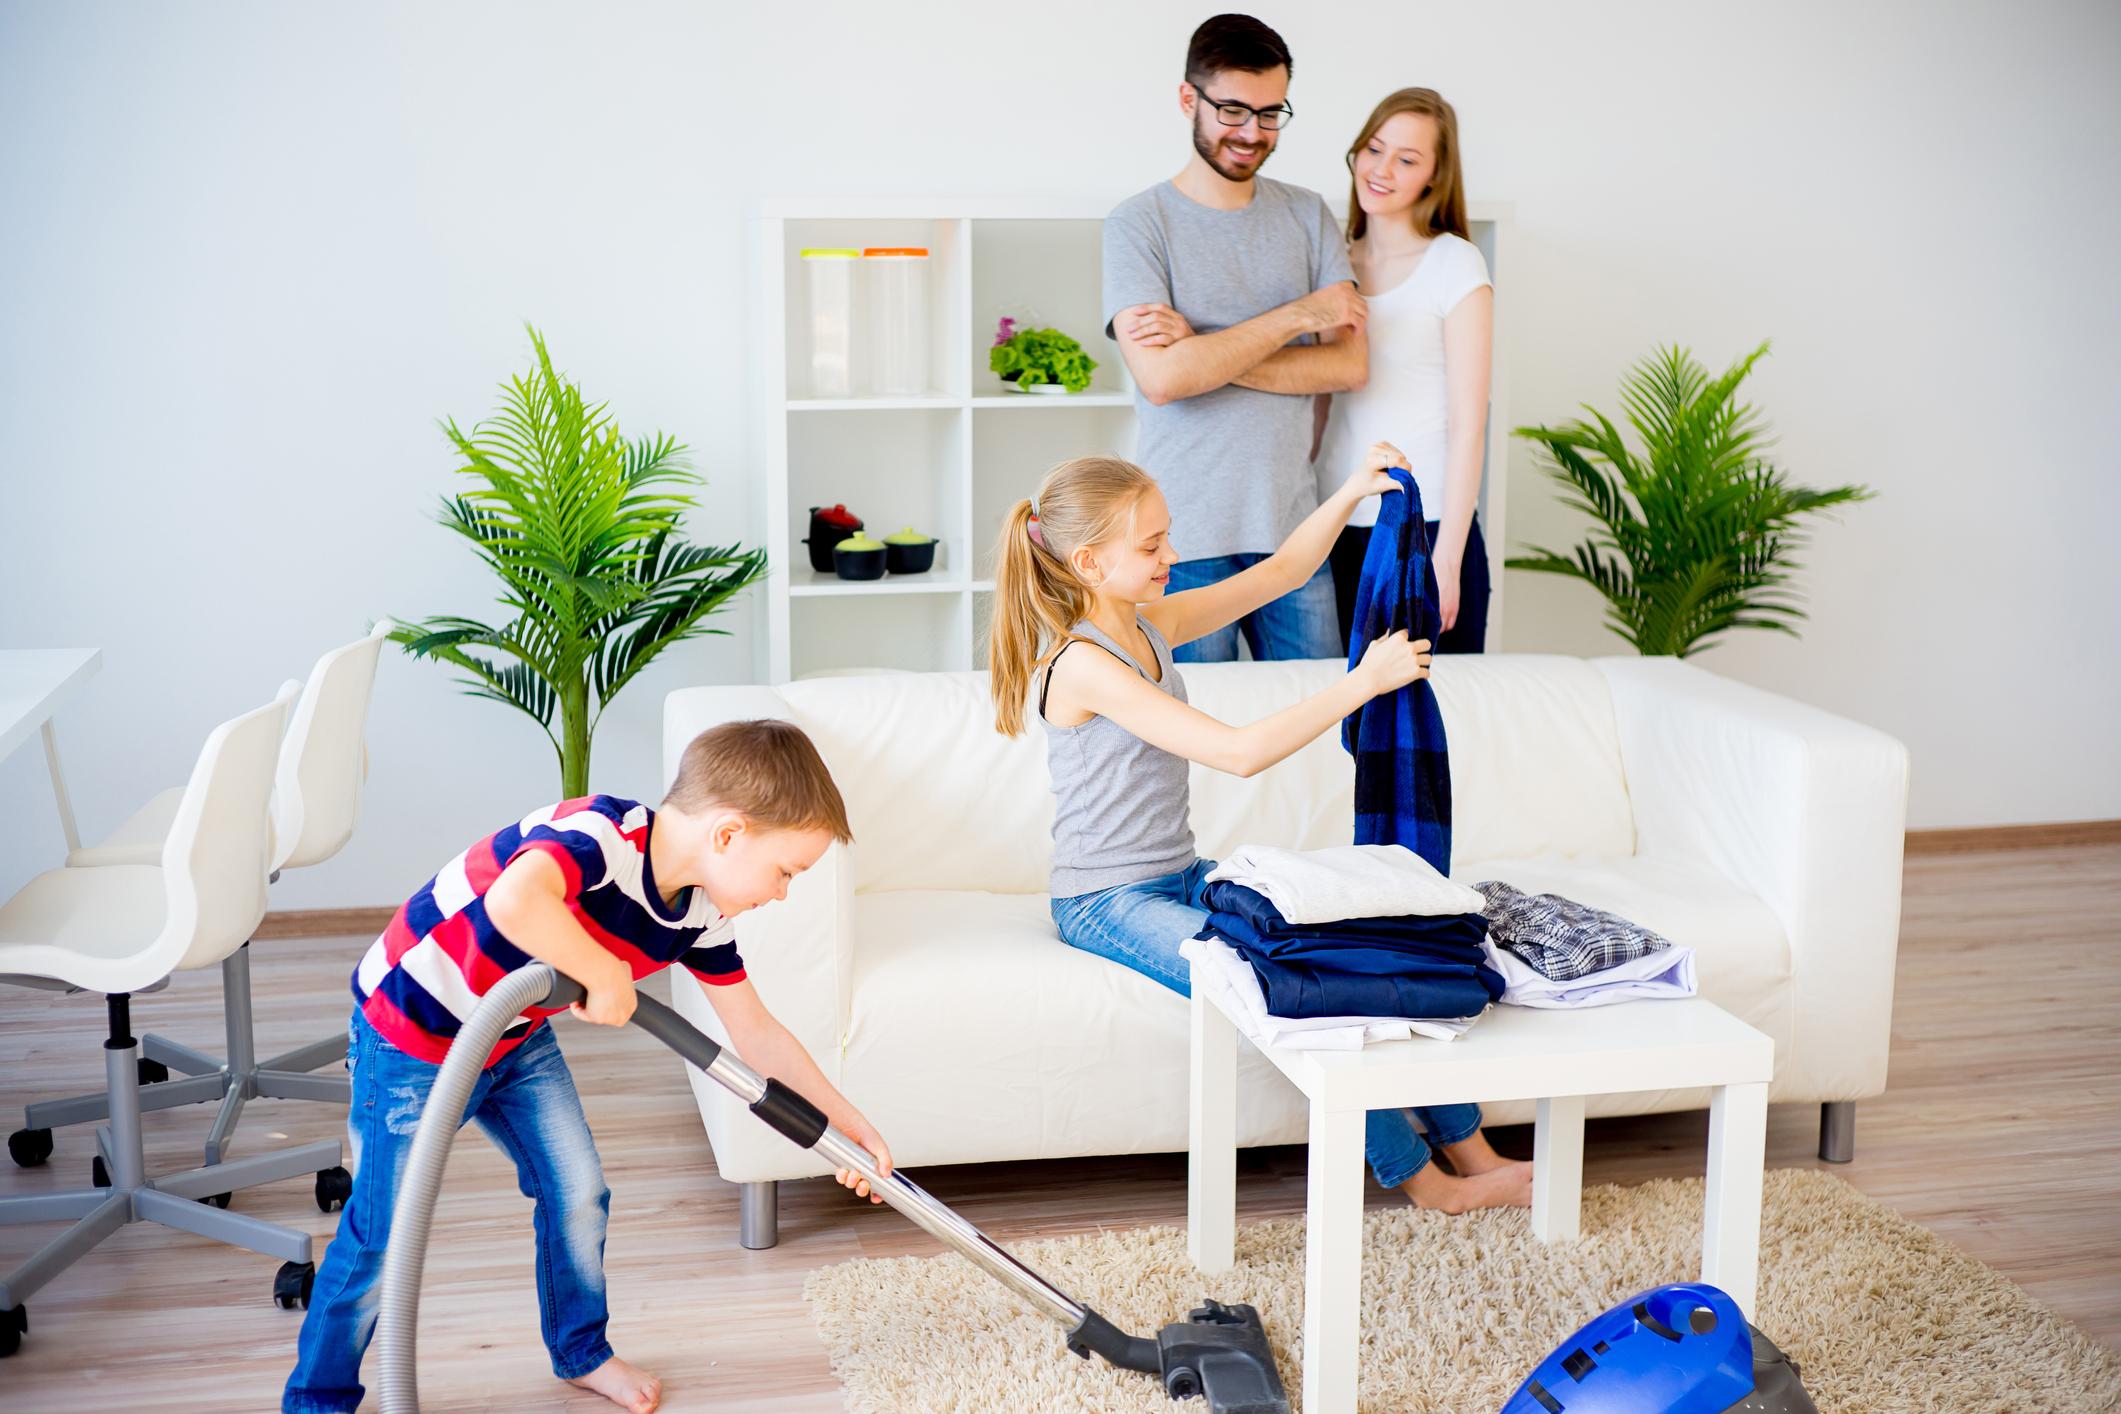 <p>Оставете децата да декорират стаите си сами. Така ще развият собствено чувство за естетика и подреденост. Ще открият сами за тях кое работи и кое... не. Младите хора са практични в наши дни и не обичат да си създават излишно натоварване, затова измислят по-практични начини да се справят с едно или друго.&nbsp;Ако е необходимо да се намесите, направете го. Дайте им съвет, покажете им интересни видеа или снимки от социалните мрежи, спечелете ги с нещо модерно.&nbsp;Идеята е да не ги притискате и стресирате, особено ако не обичат да си чистят стаята.&nbsp;</p>